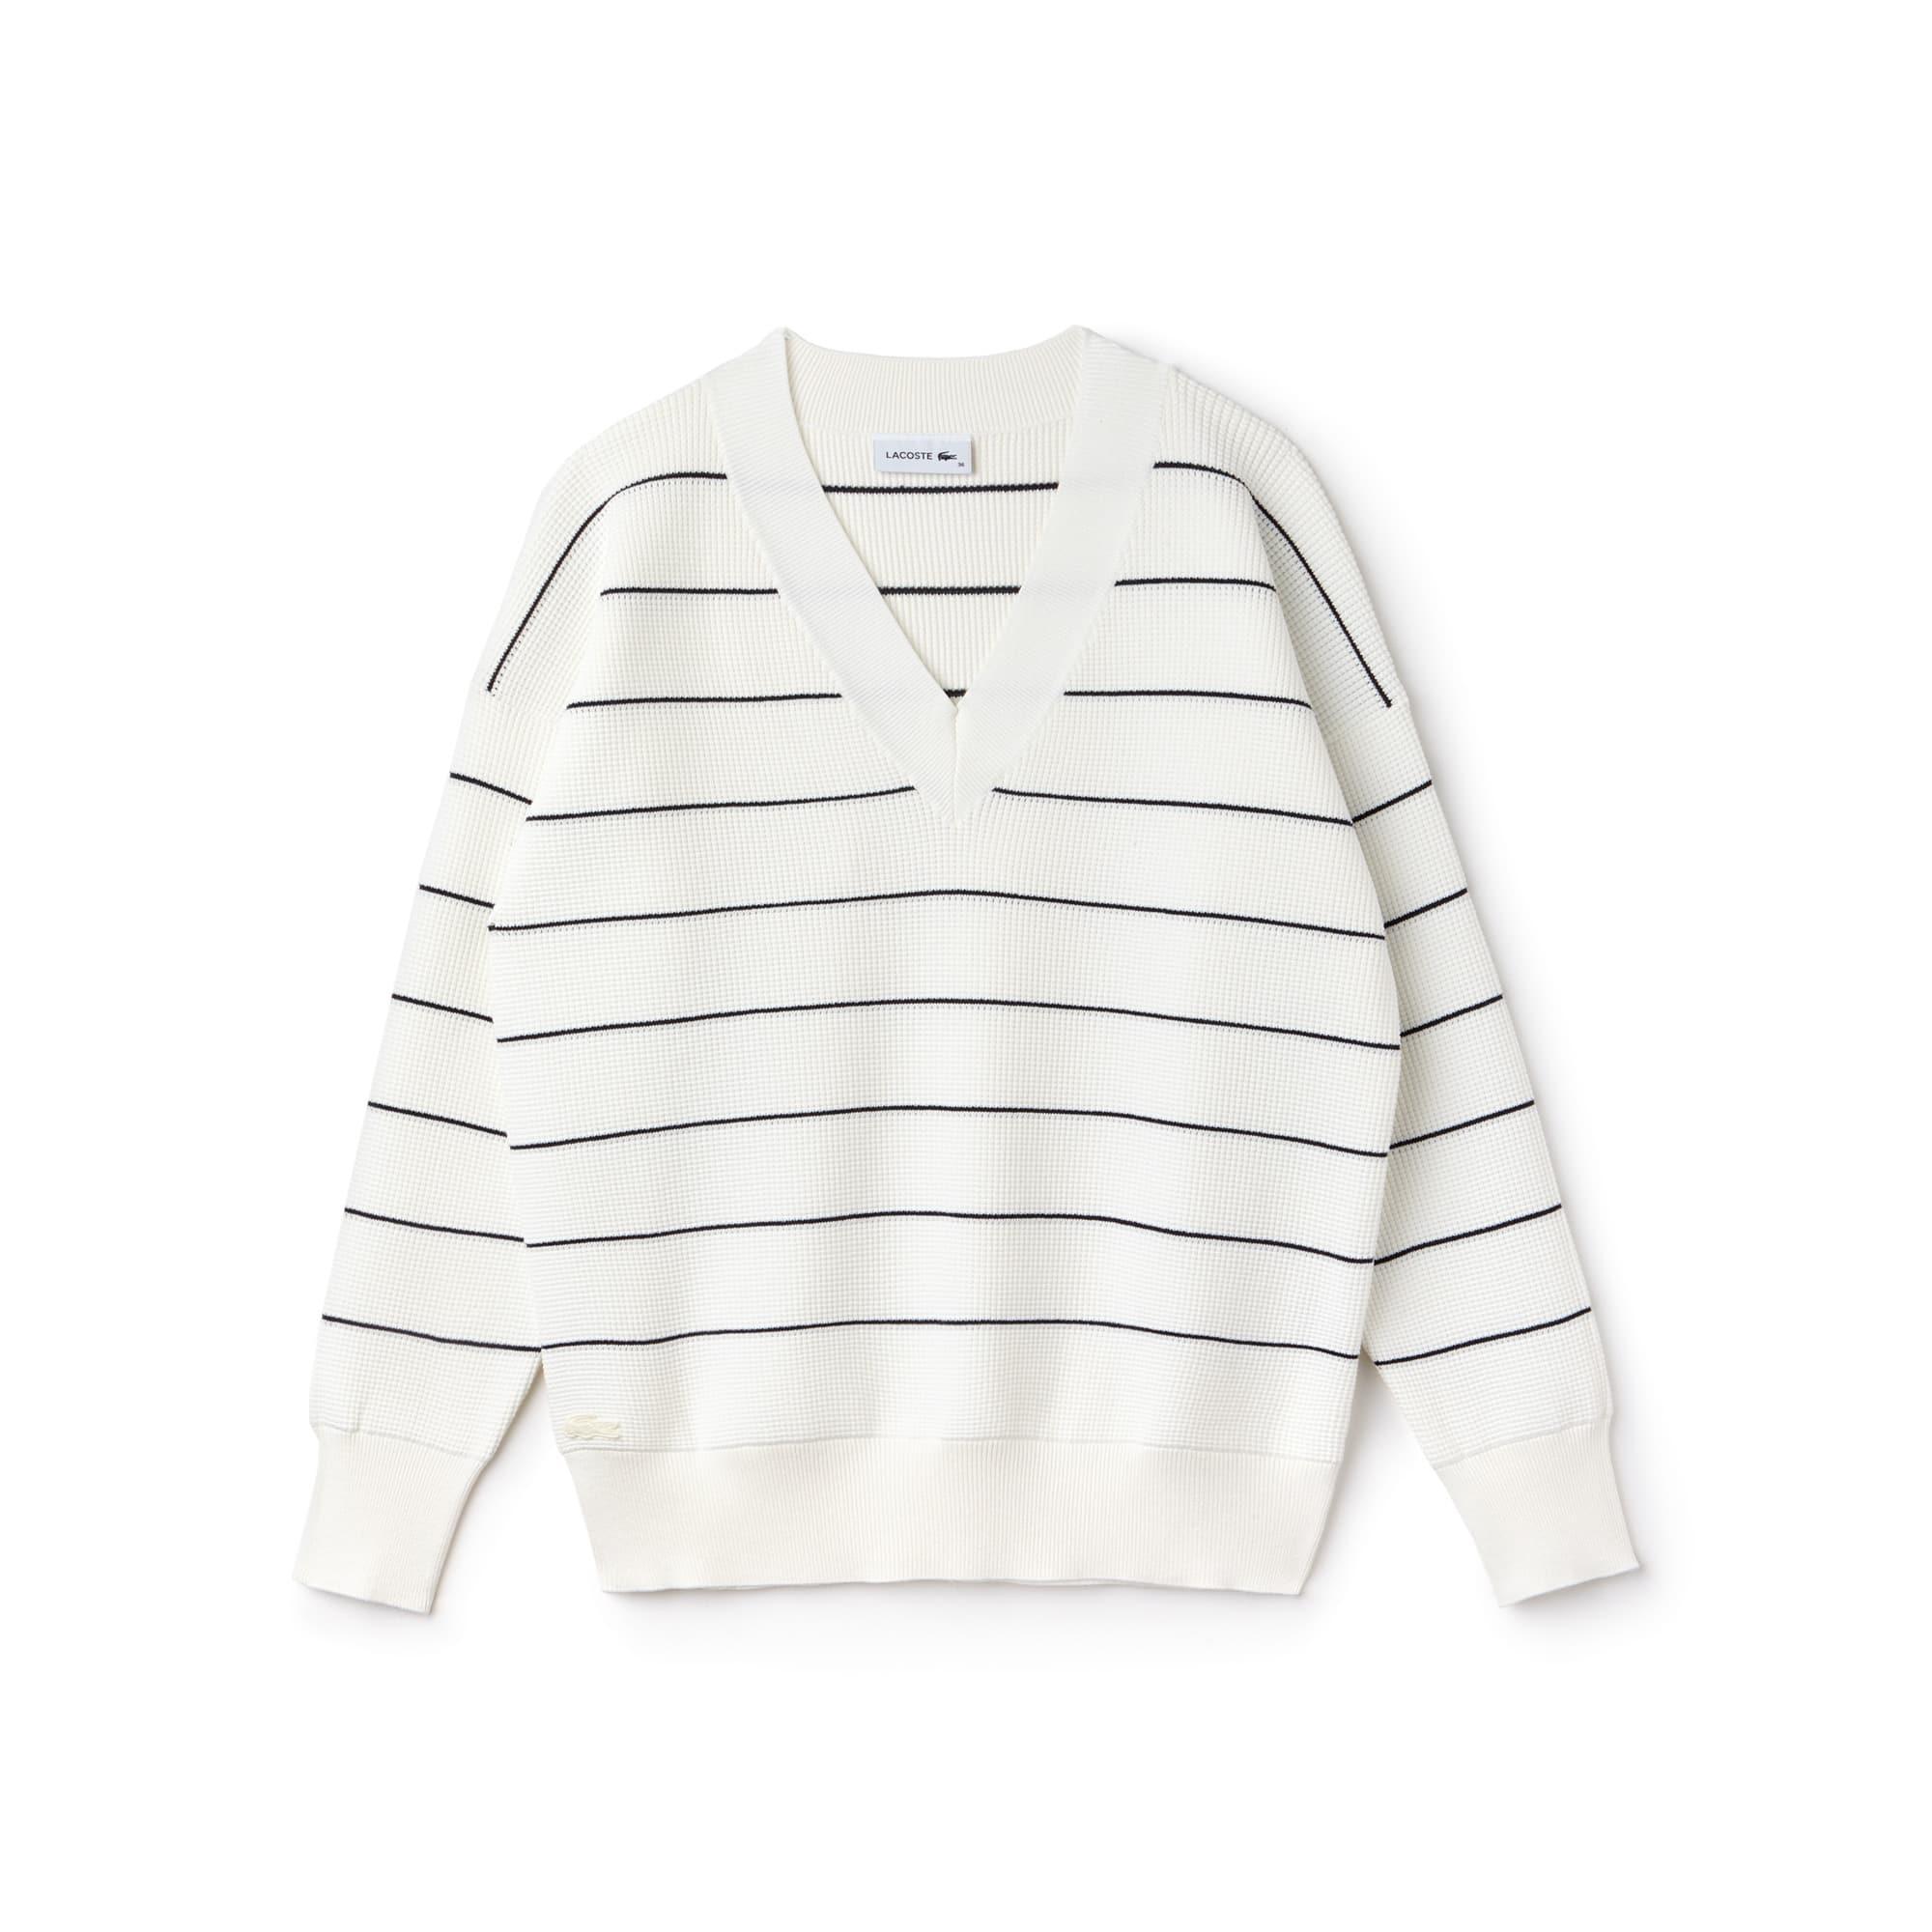 Damen-Pullover aus gestreifter Strickware mit Wabenstruktur